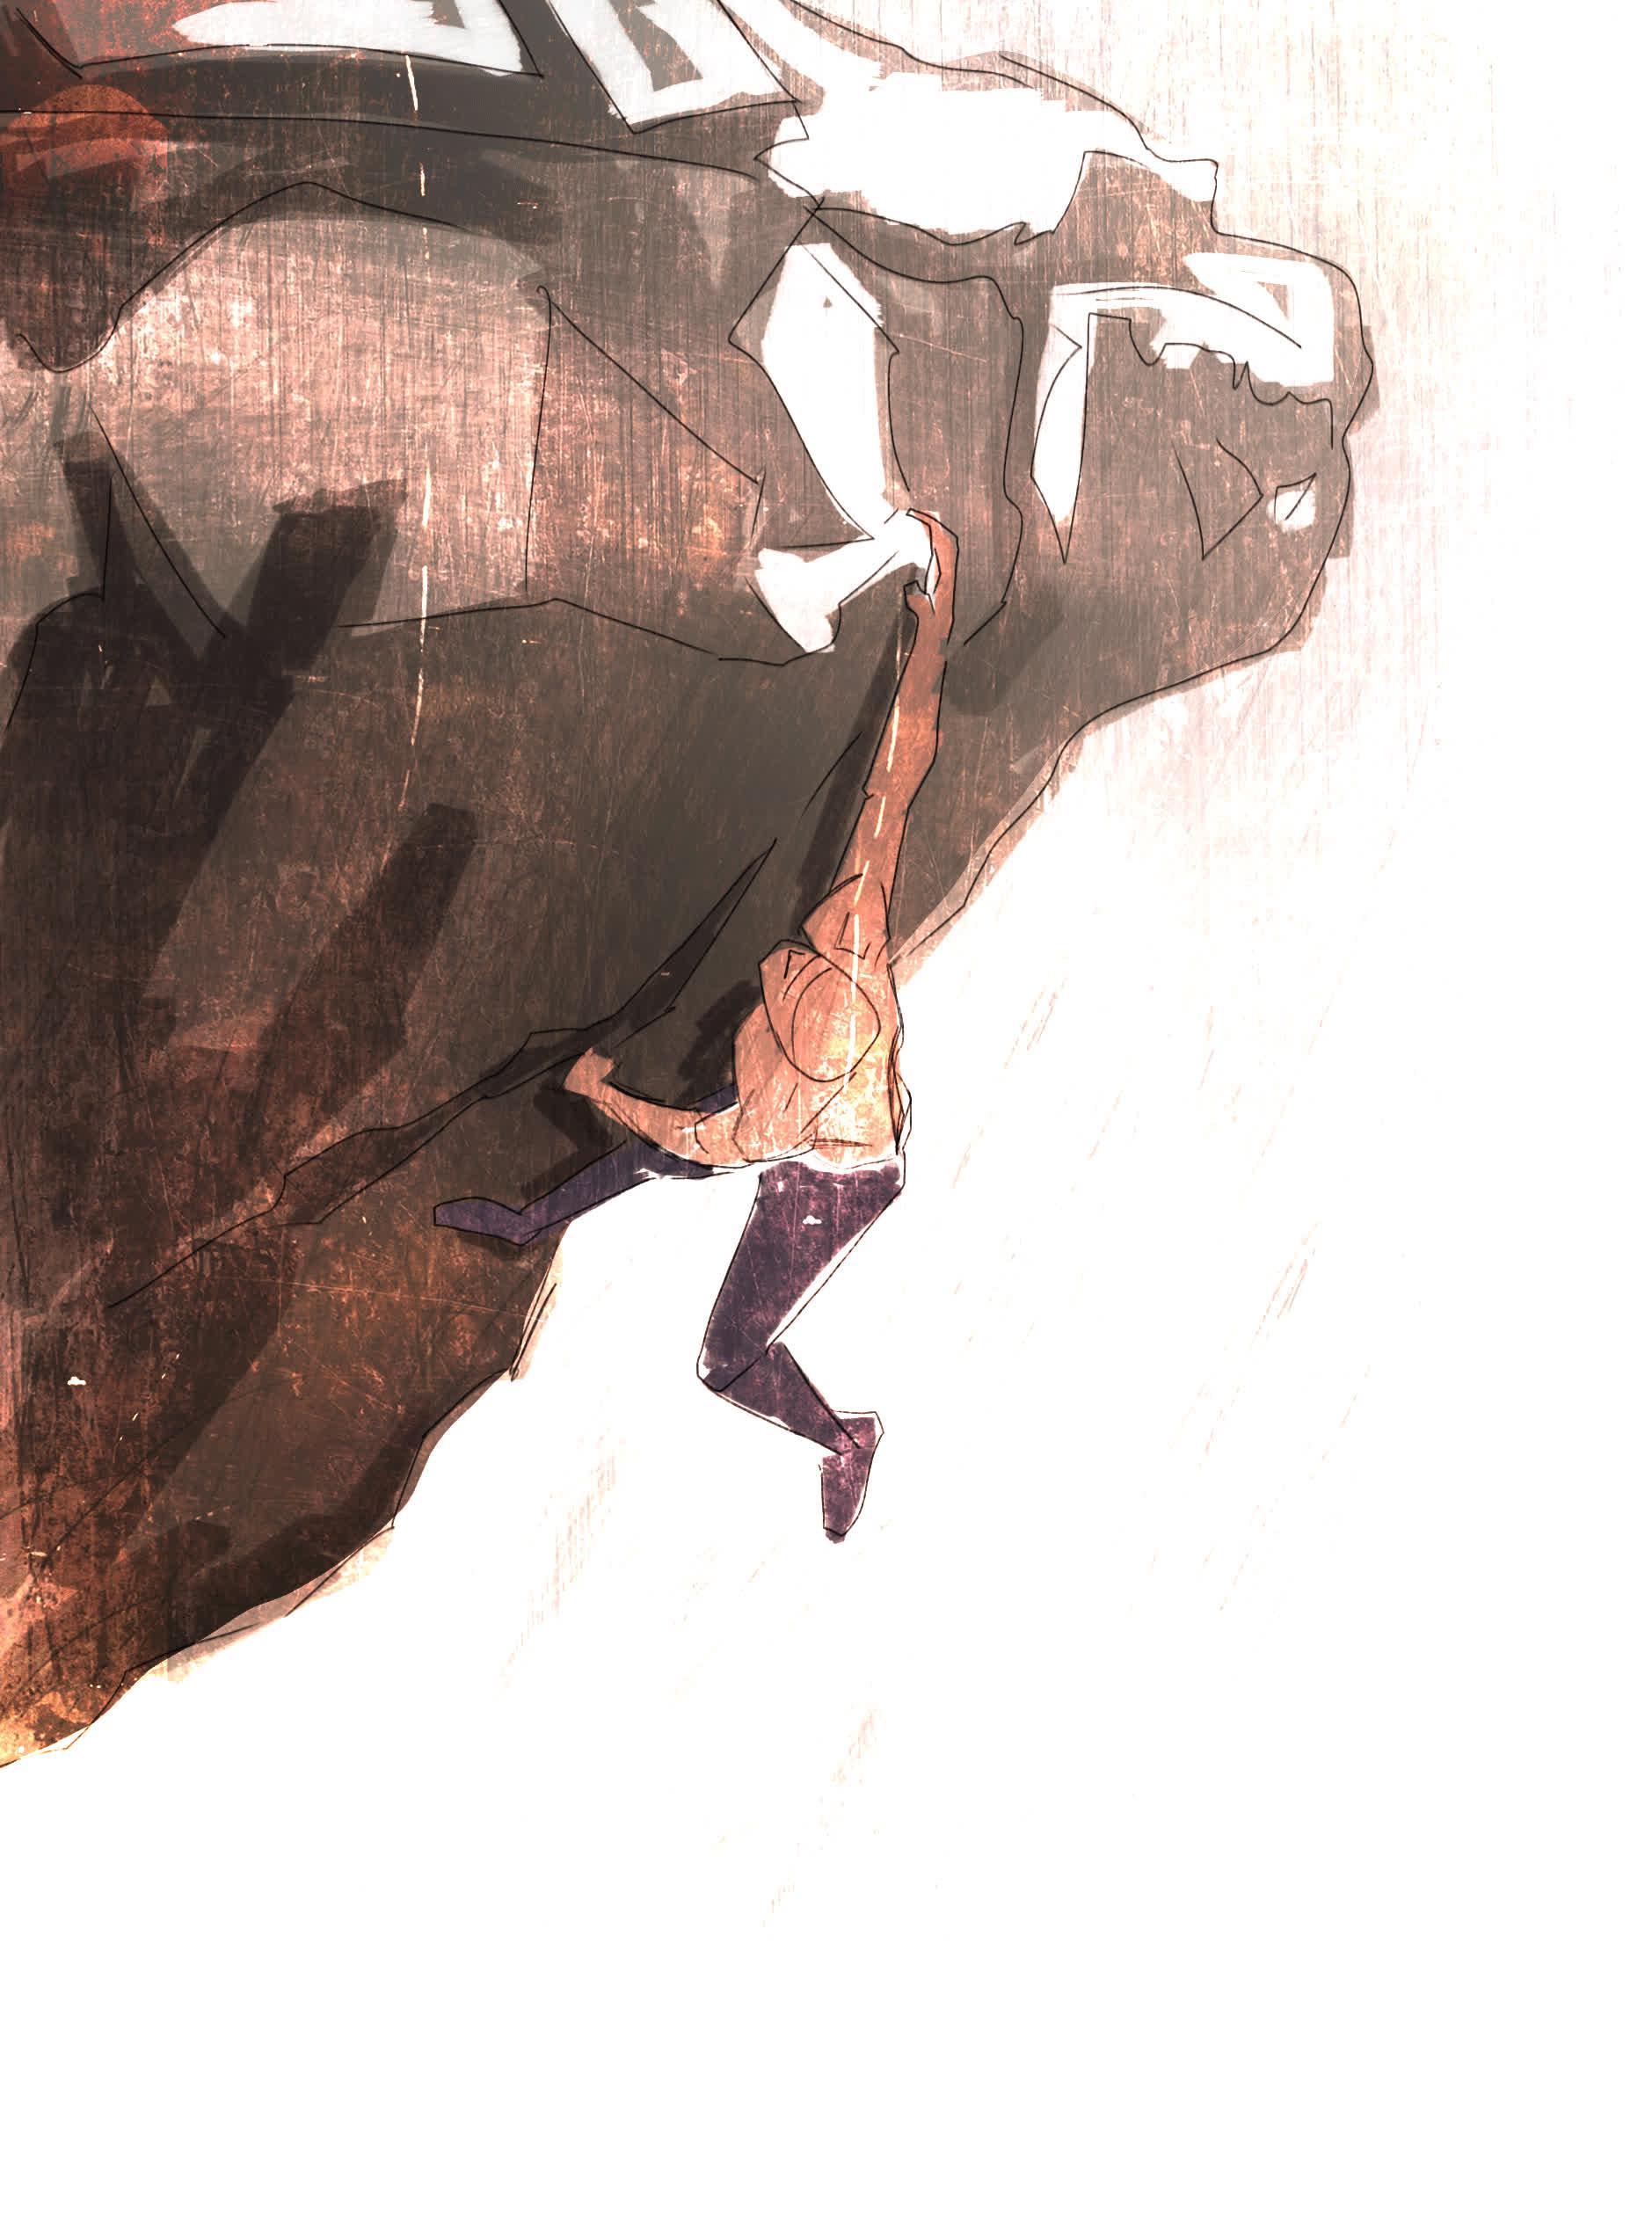 climbing, rock climbing, climbing GIFs